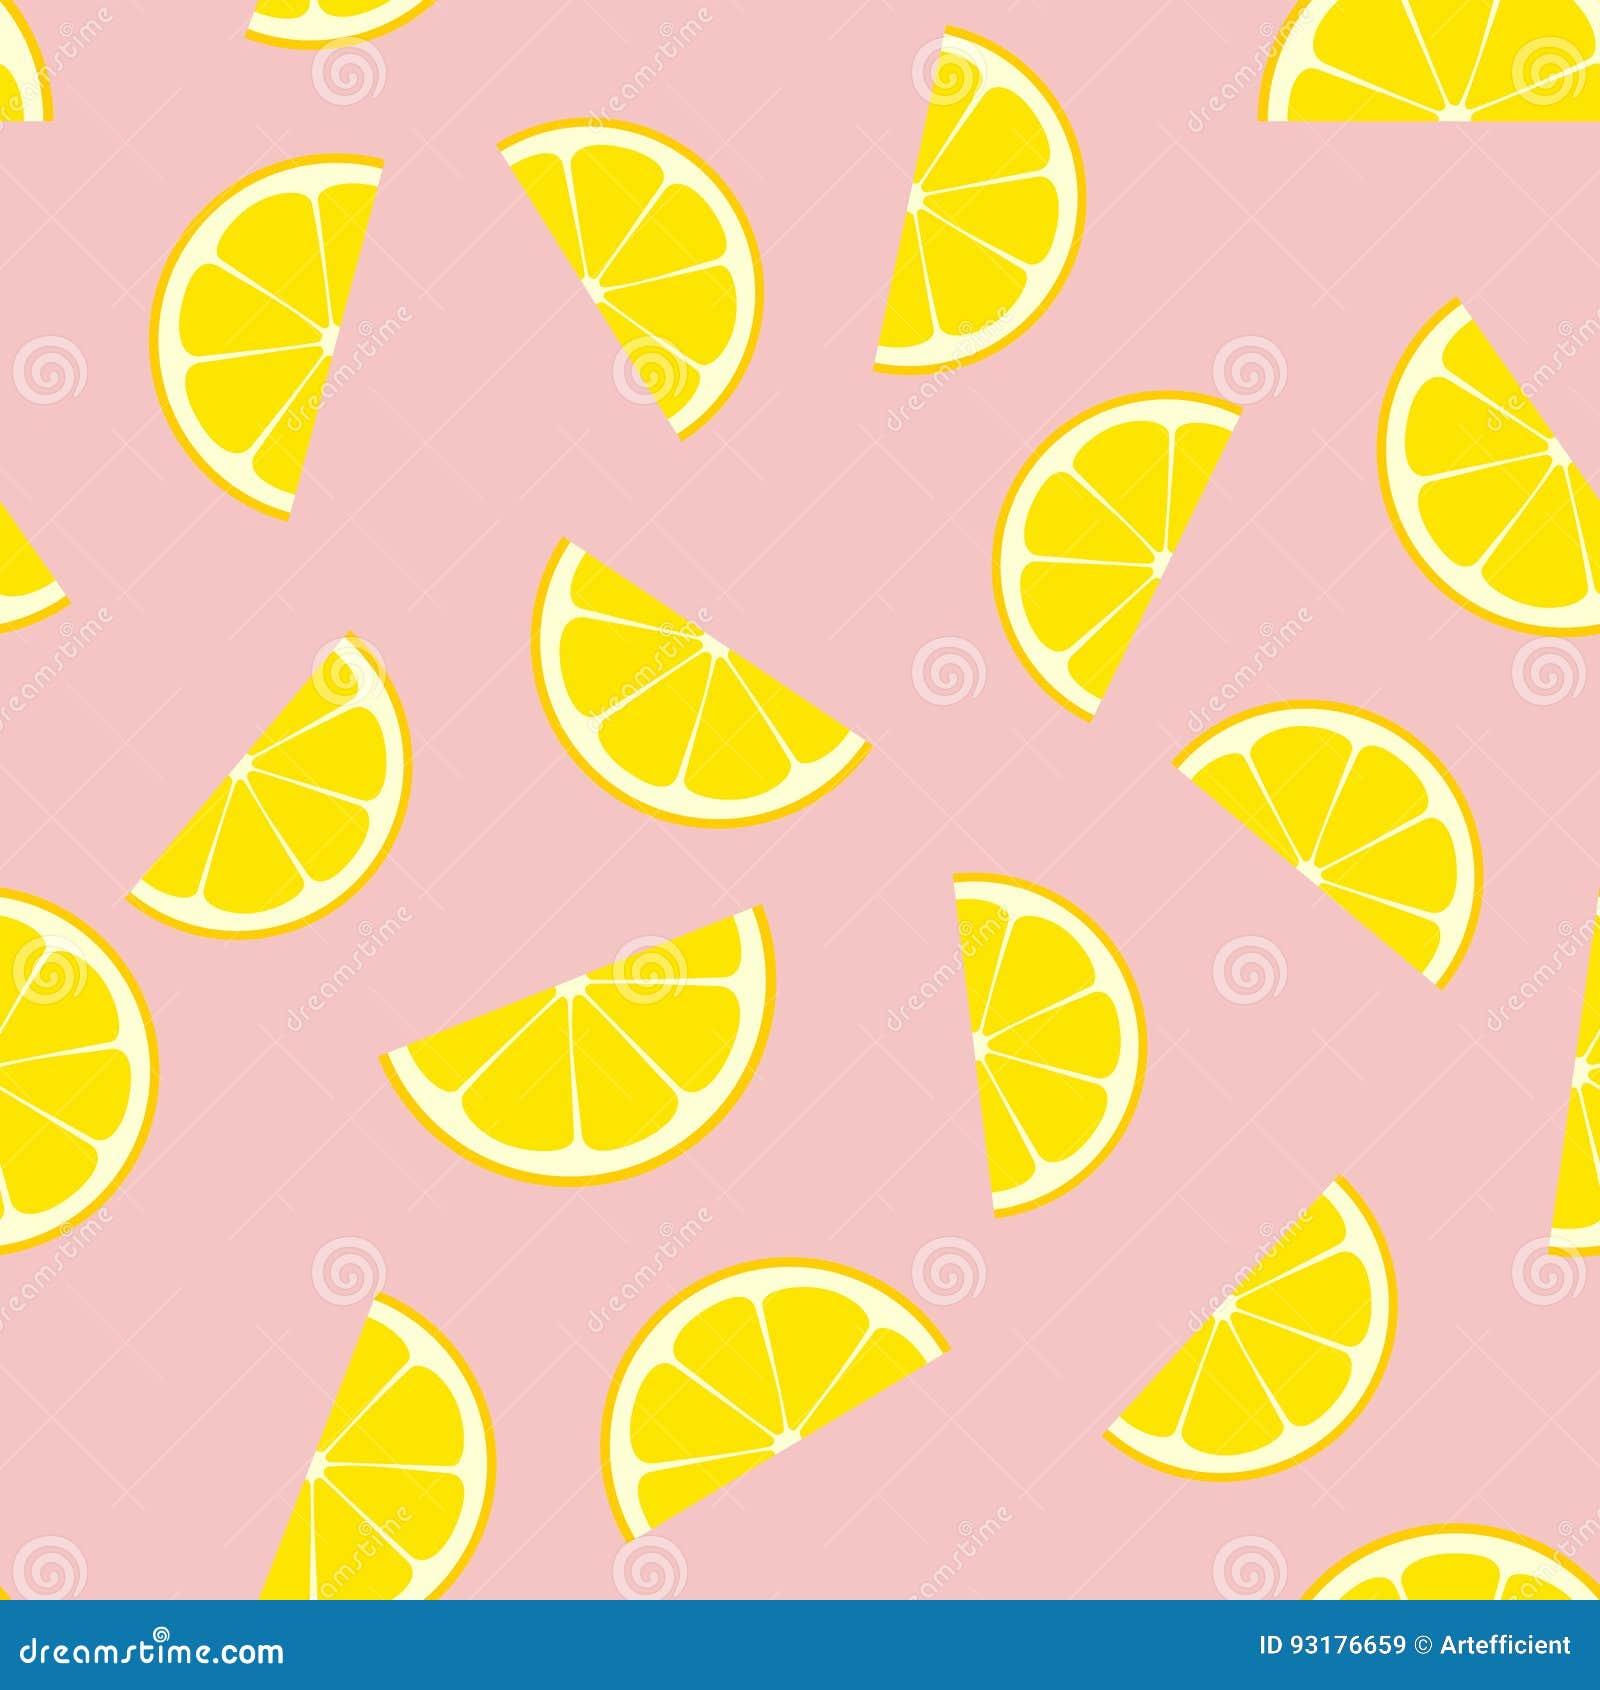 How To Make Natural Pink Lemonade